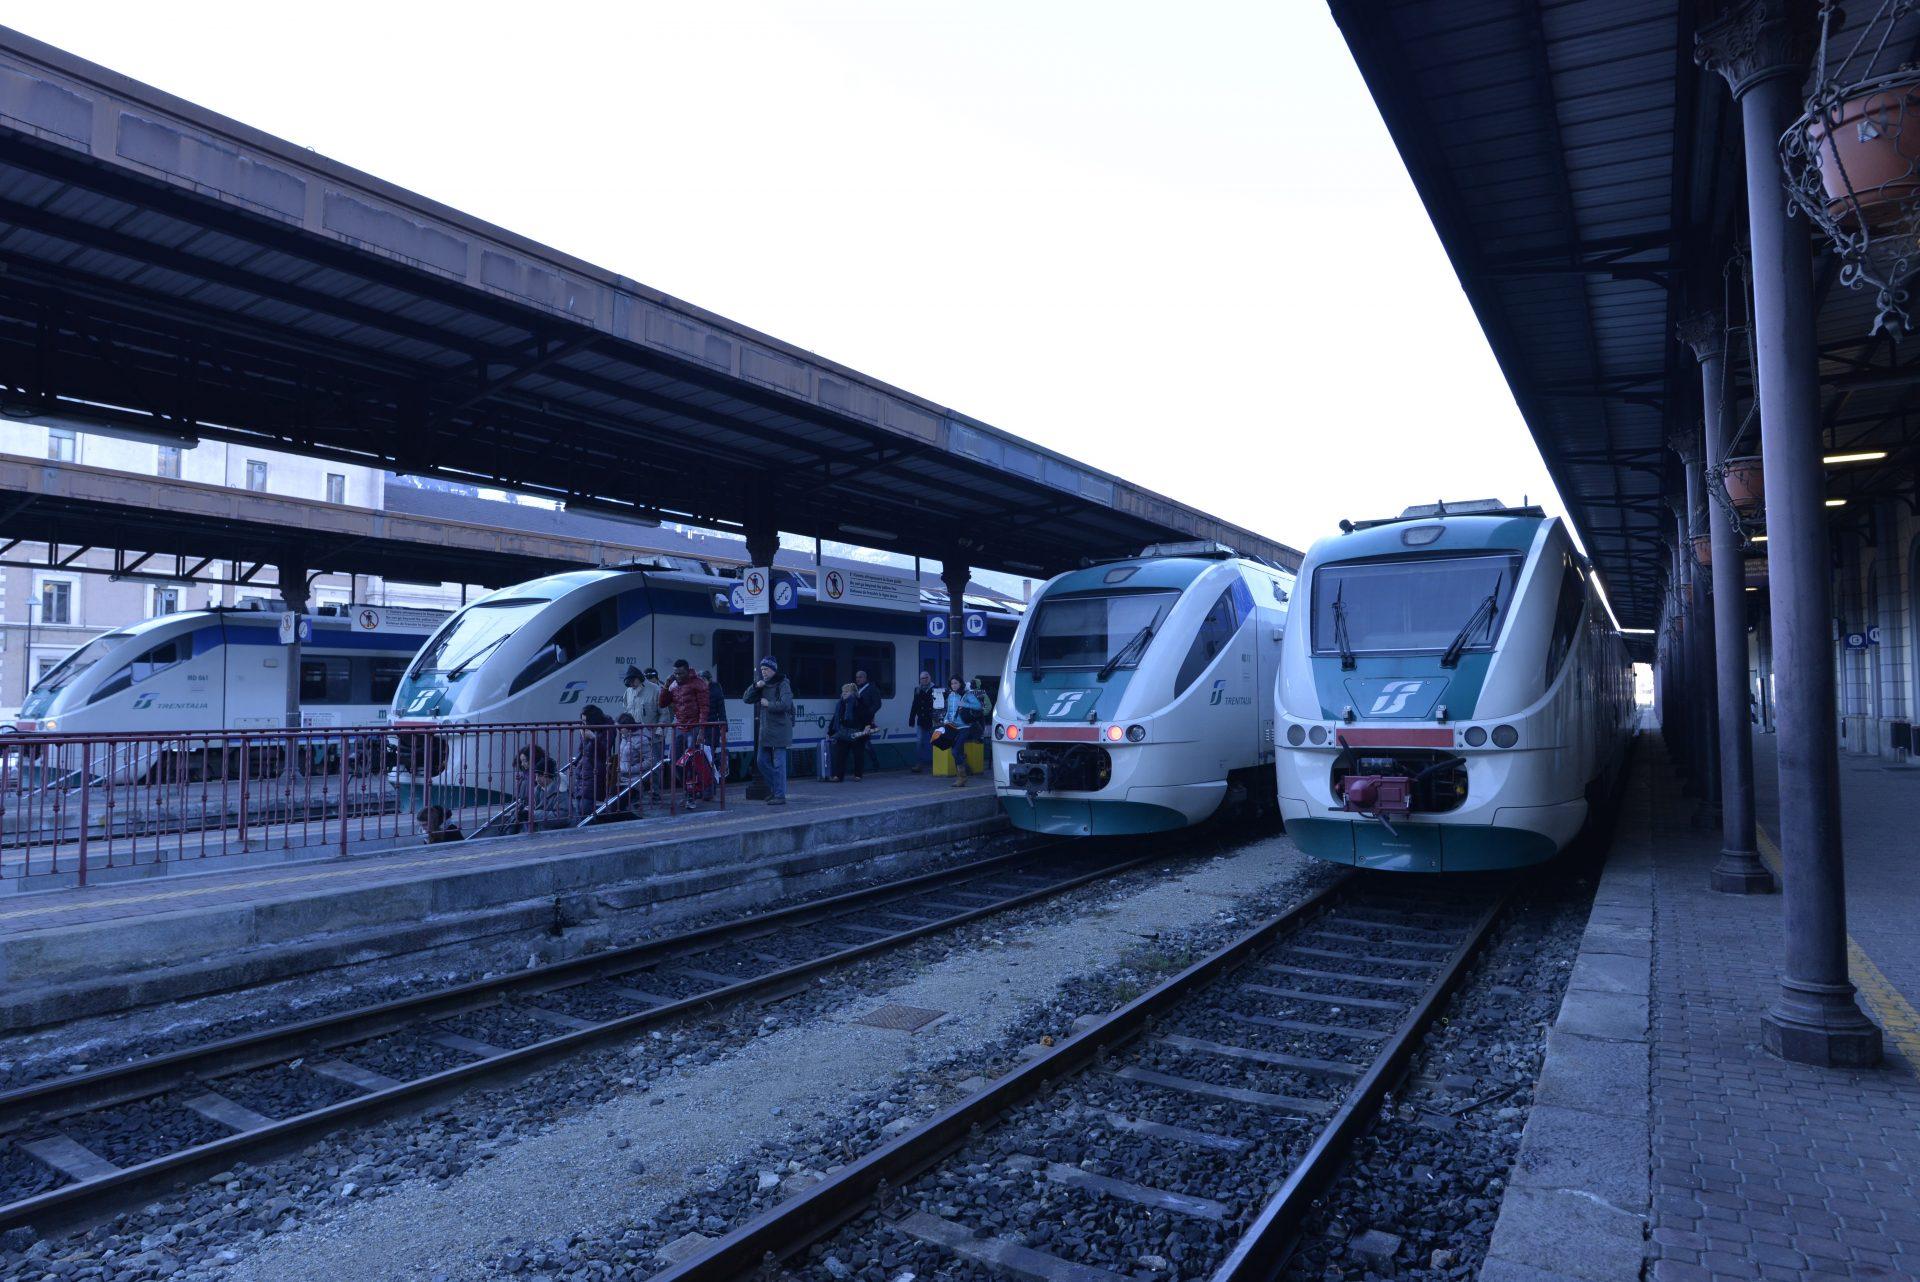 stazione di Aosta, ferrovia, treno